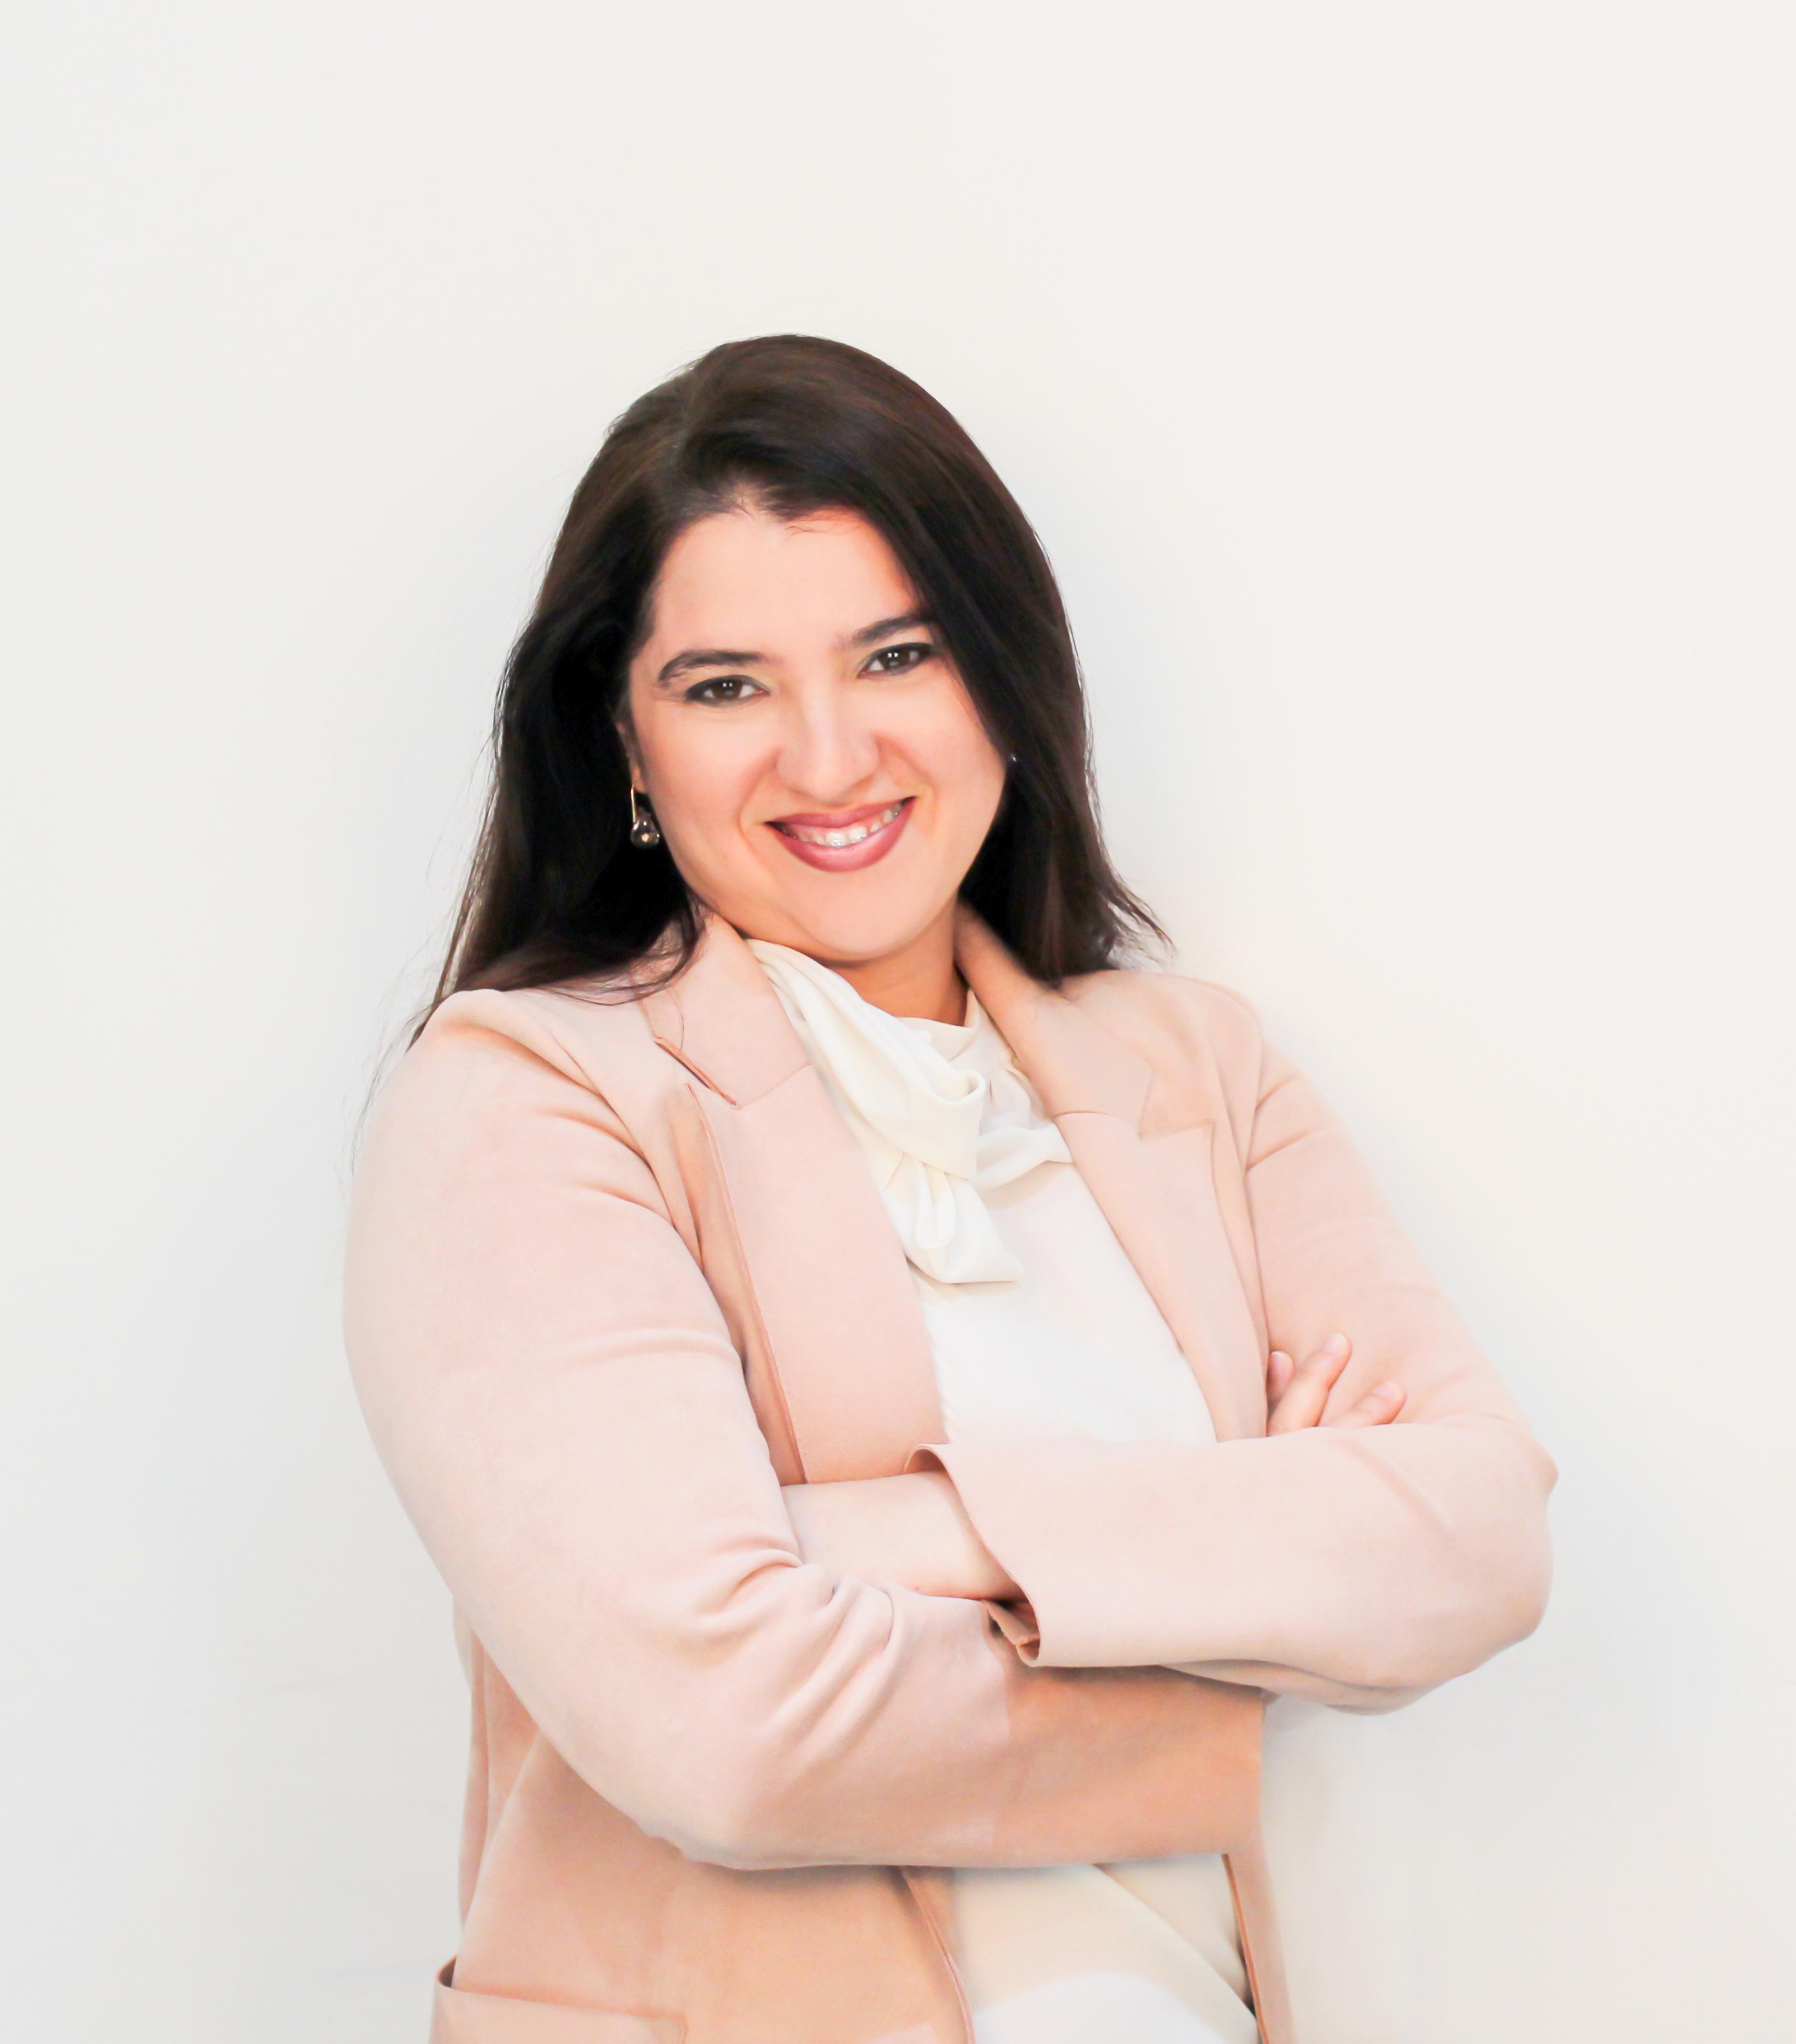 Aniliz Adames - Siuma expertos